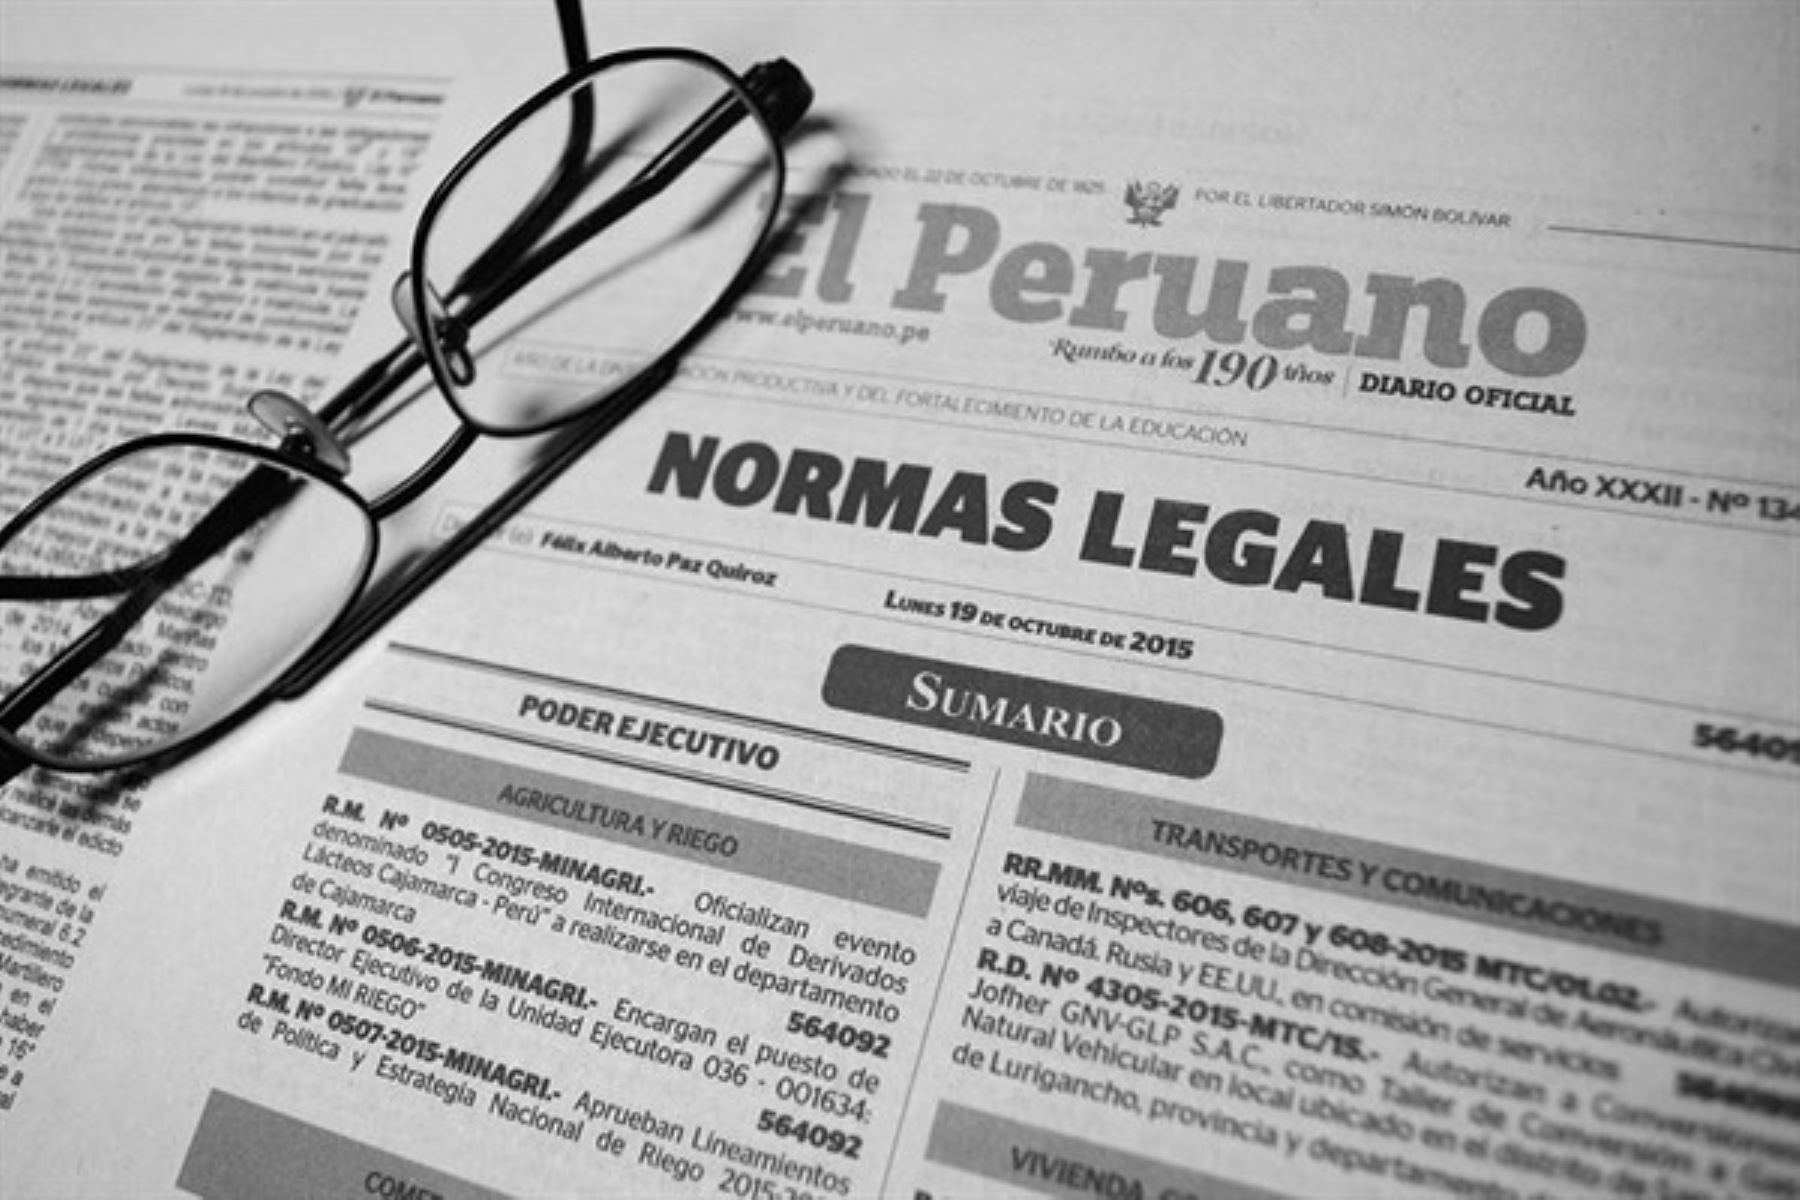 El Covid-19 dejará más obligaciones legales, pero trámites más rápidos